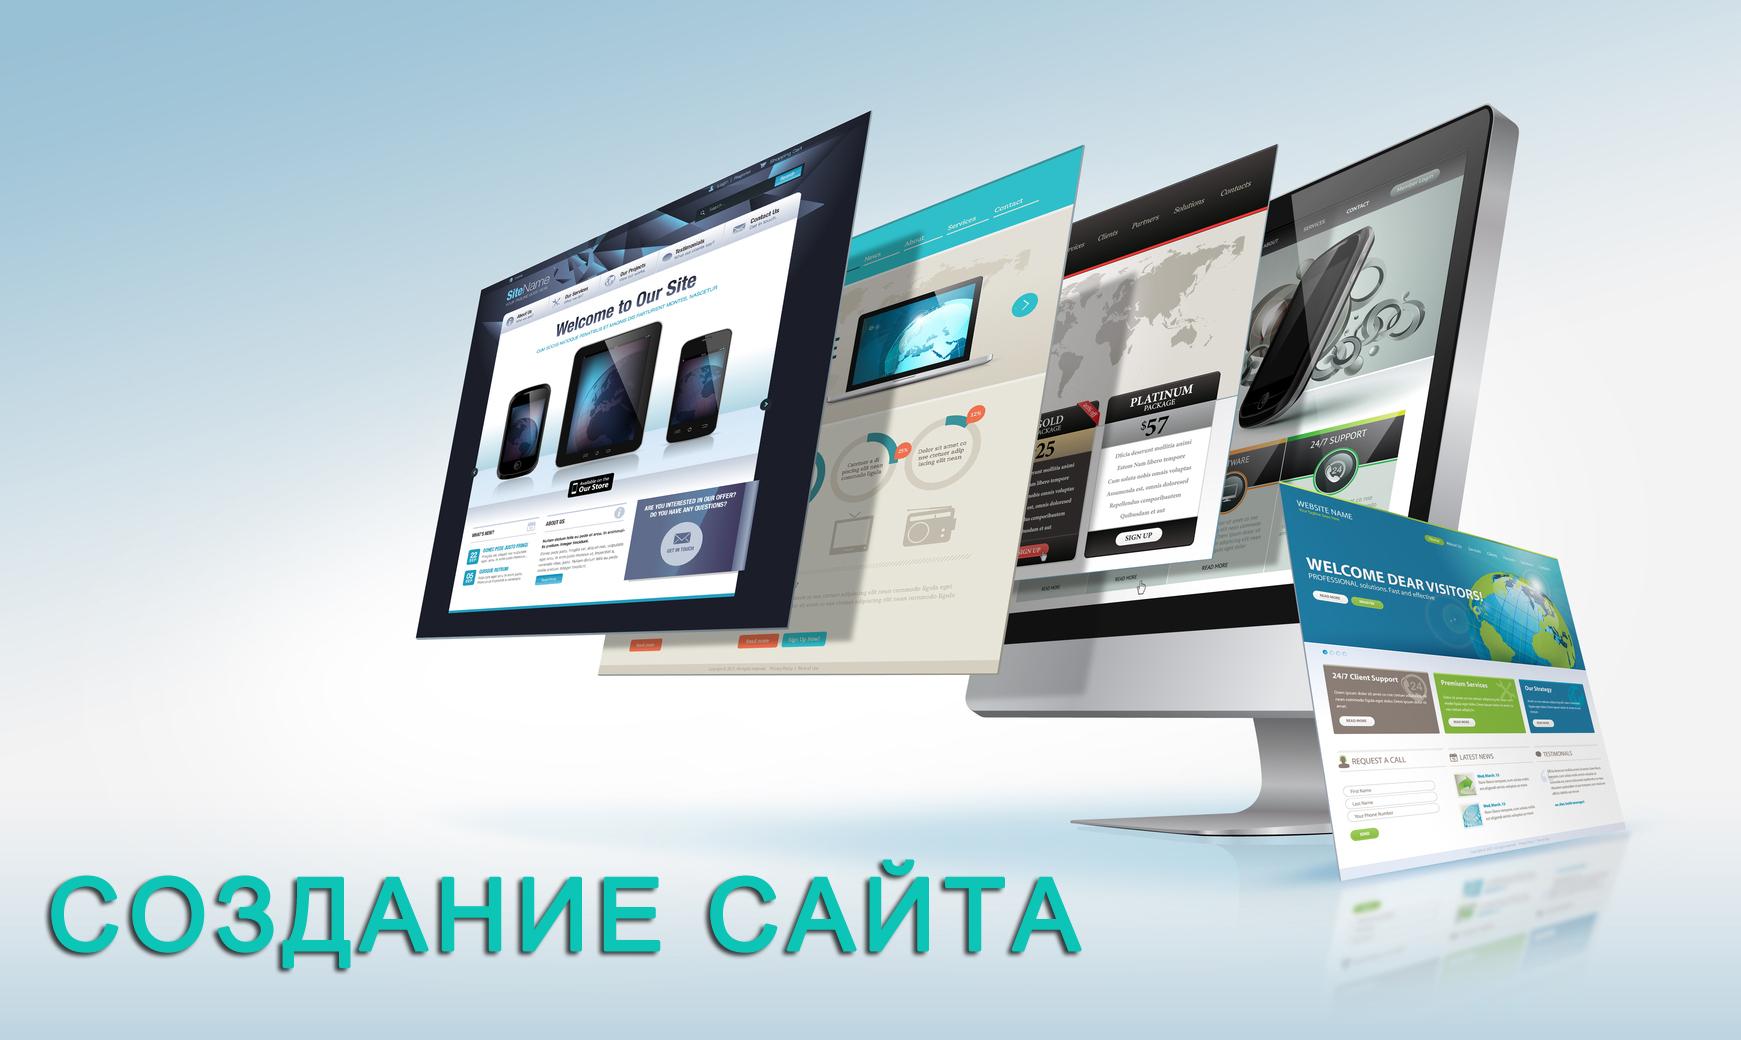 Создание и продвижение сайта в одессе площадки по размещению ссылок